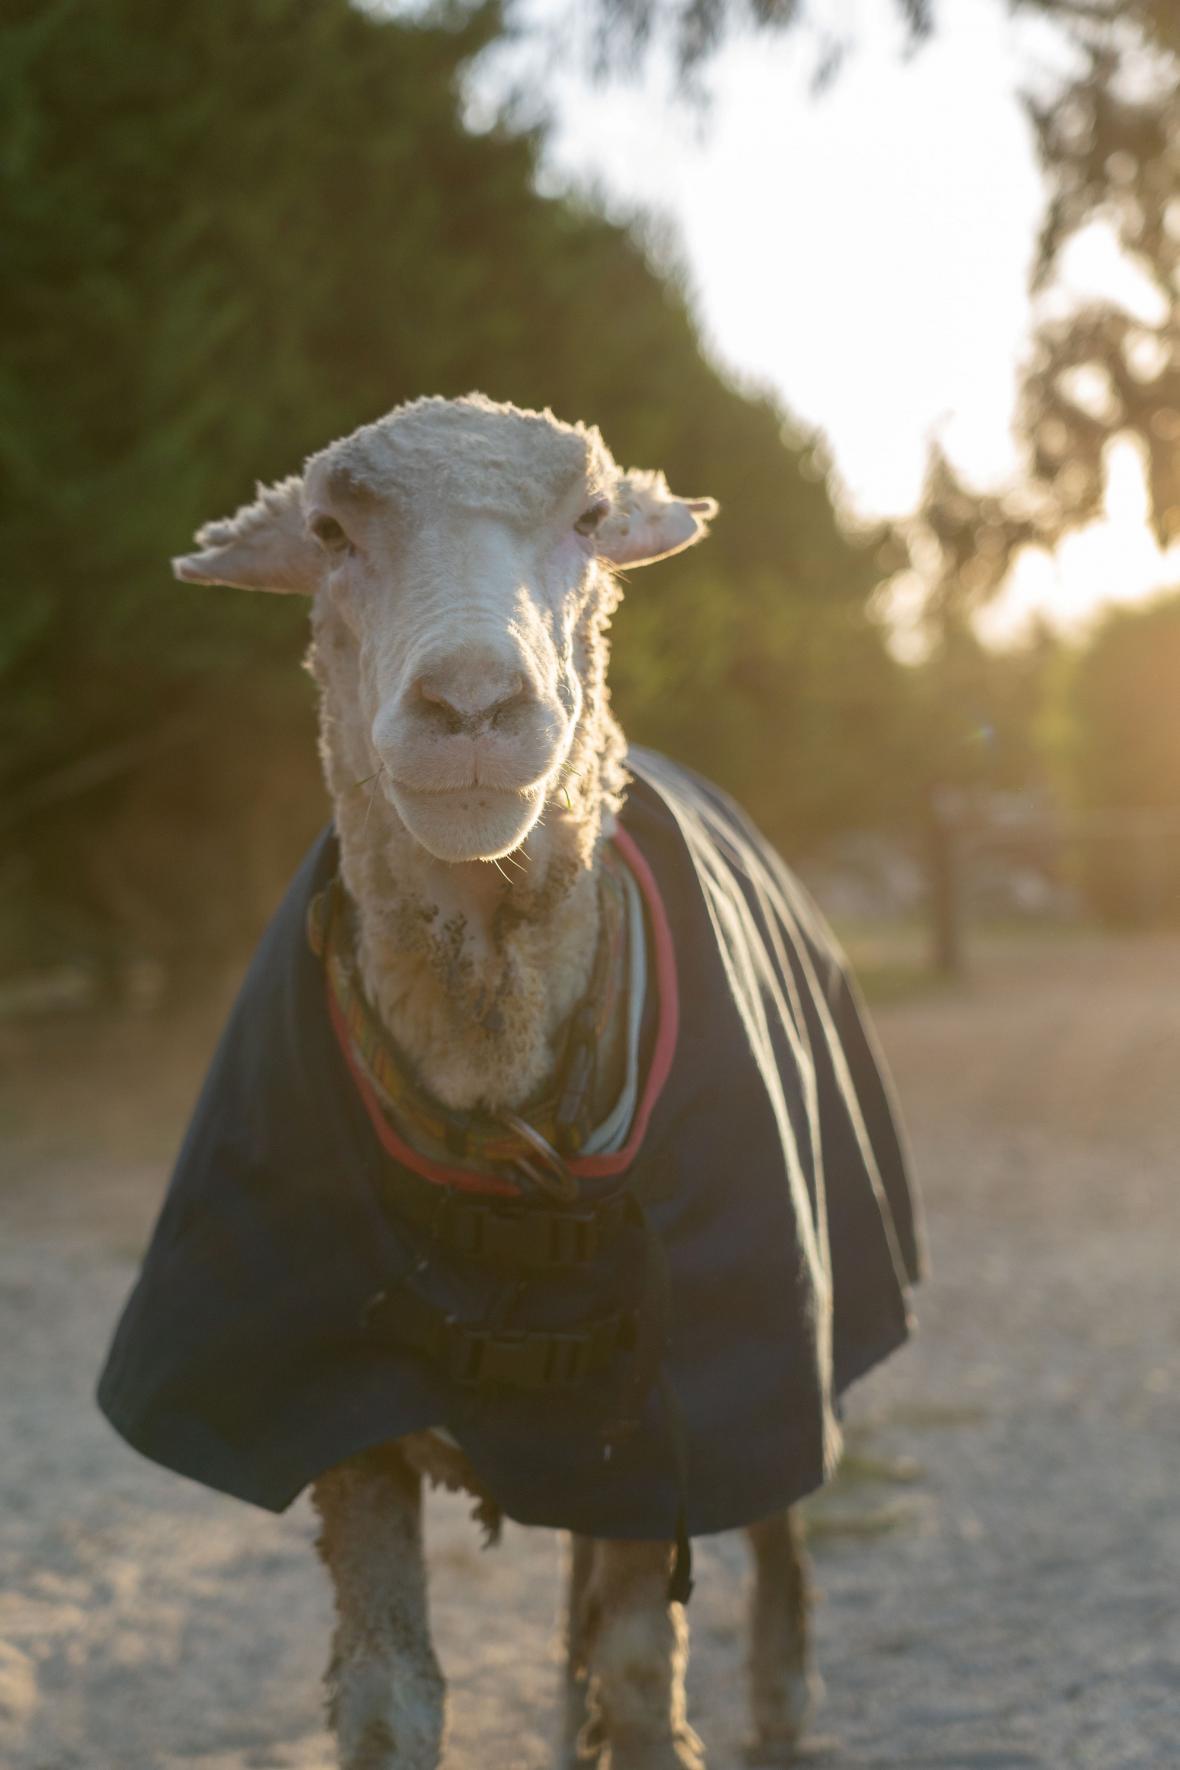 Australští záchranáři zachránili ovci Baarack. Ze zanedbaného zvířete ostříhali přes 35 kilogramů vlny